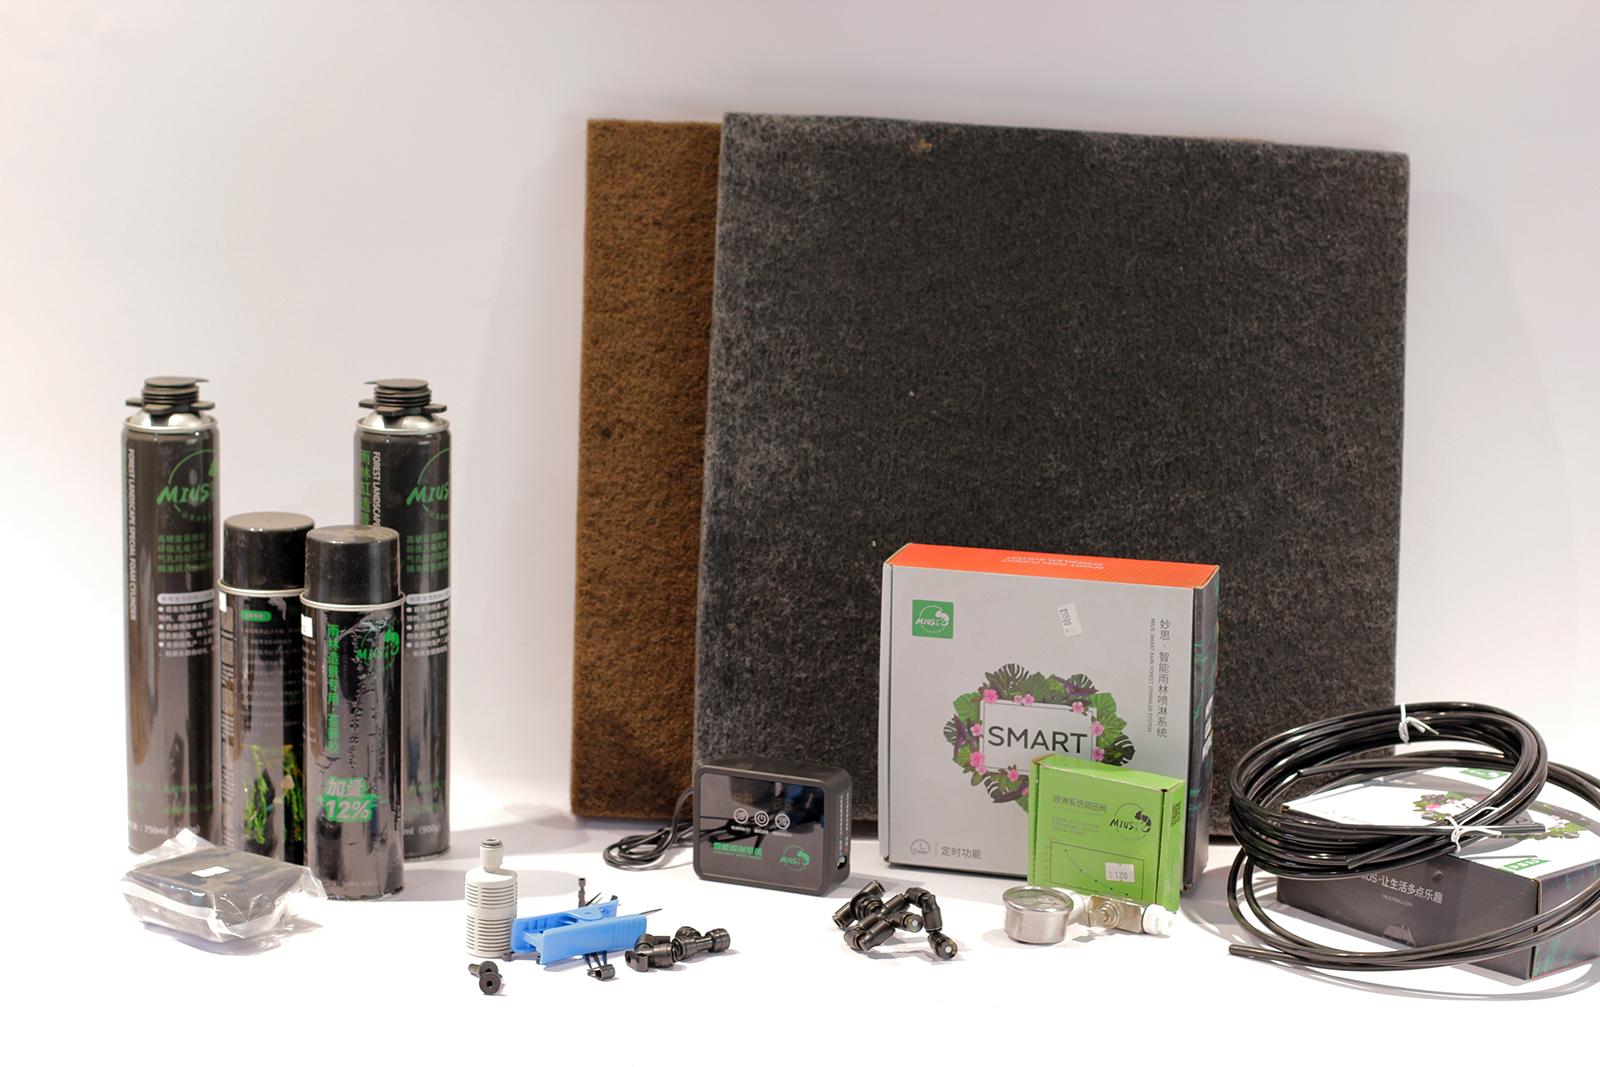 Оборудование и материалы MIUS для оформления флорариумов и террариумов